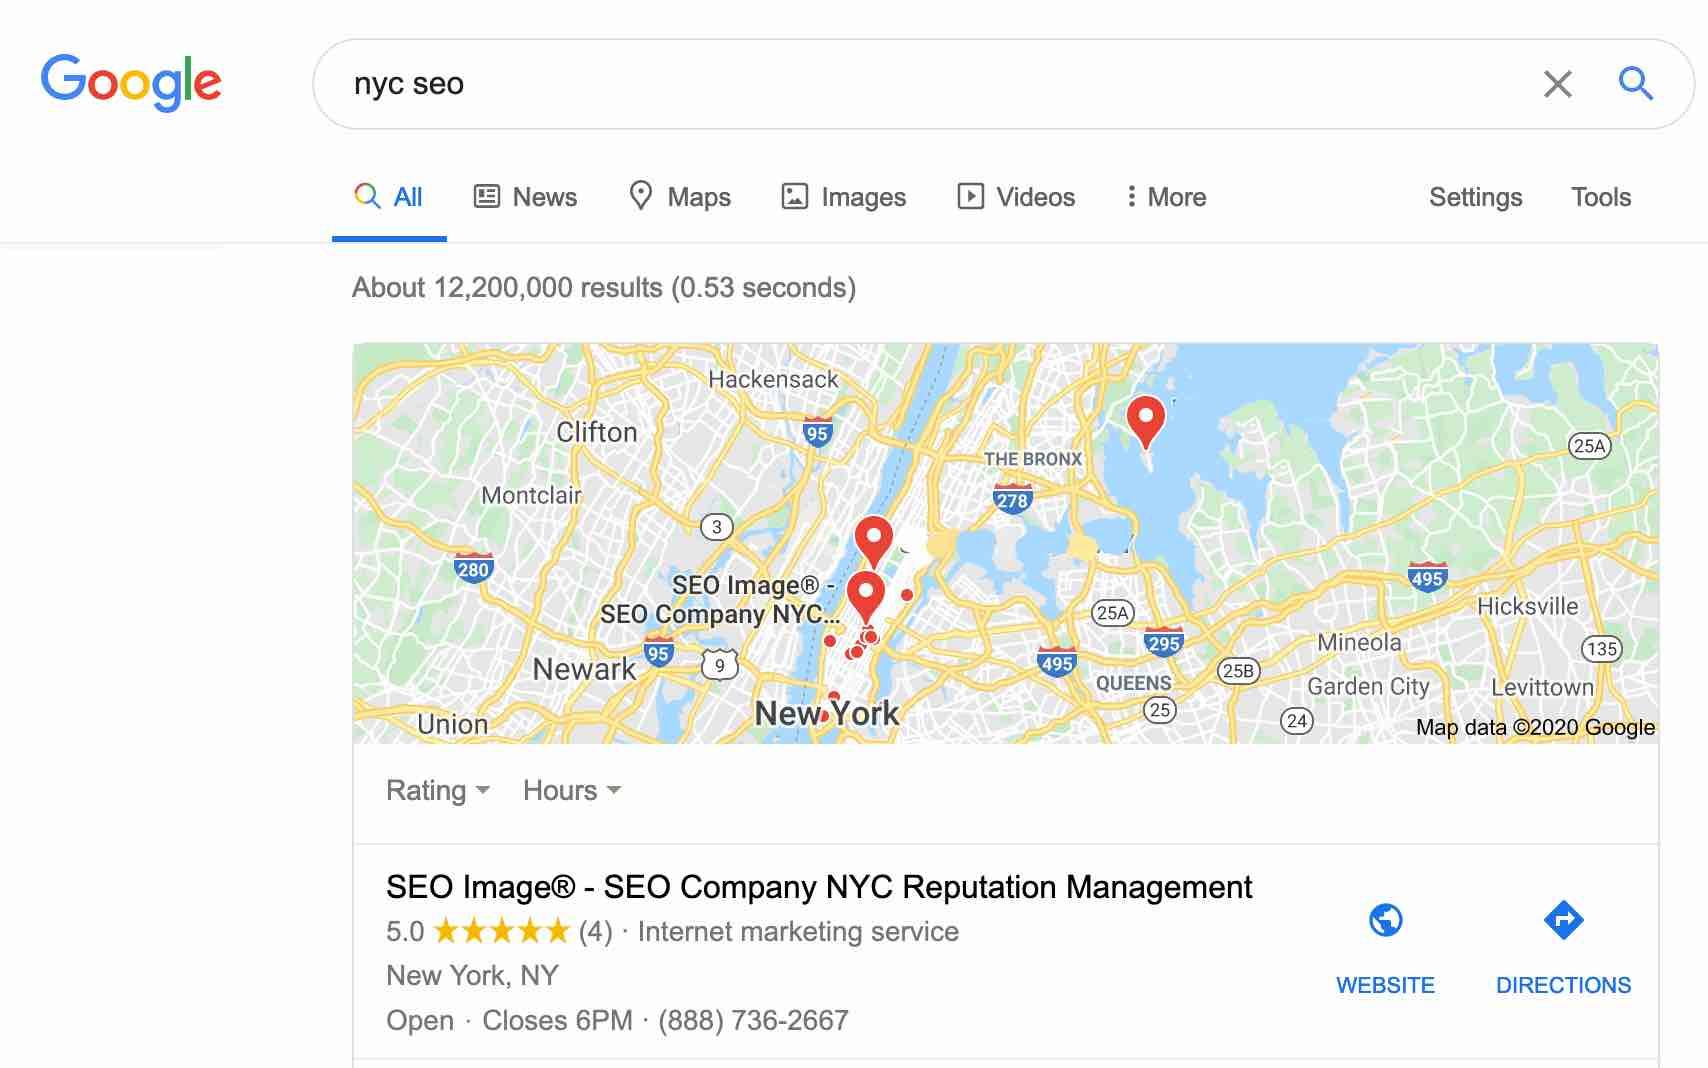 NYC SEO Company